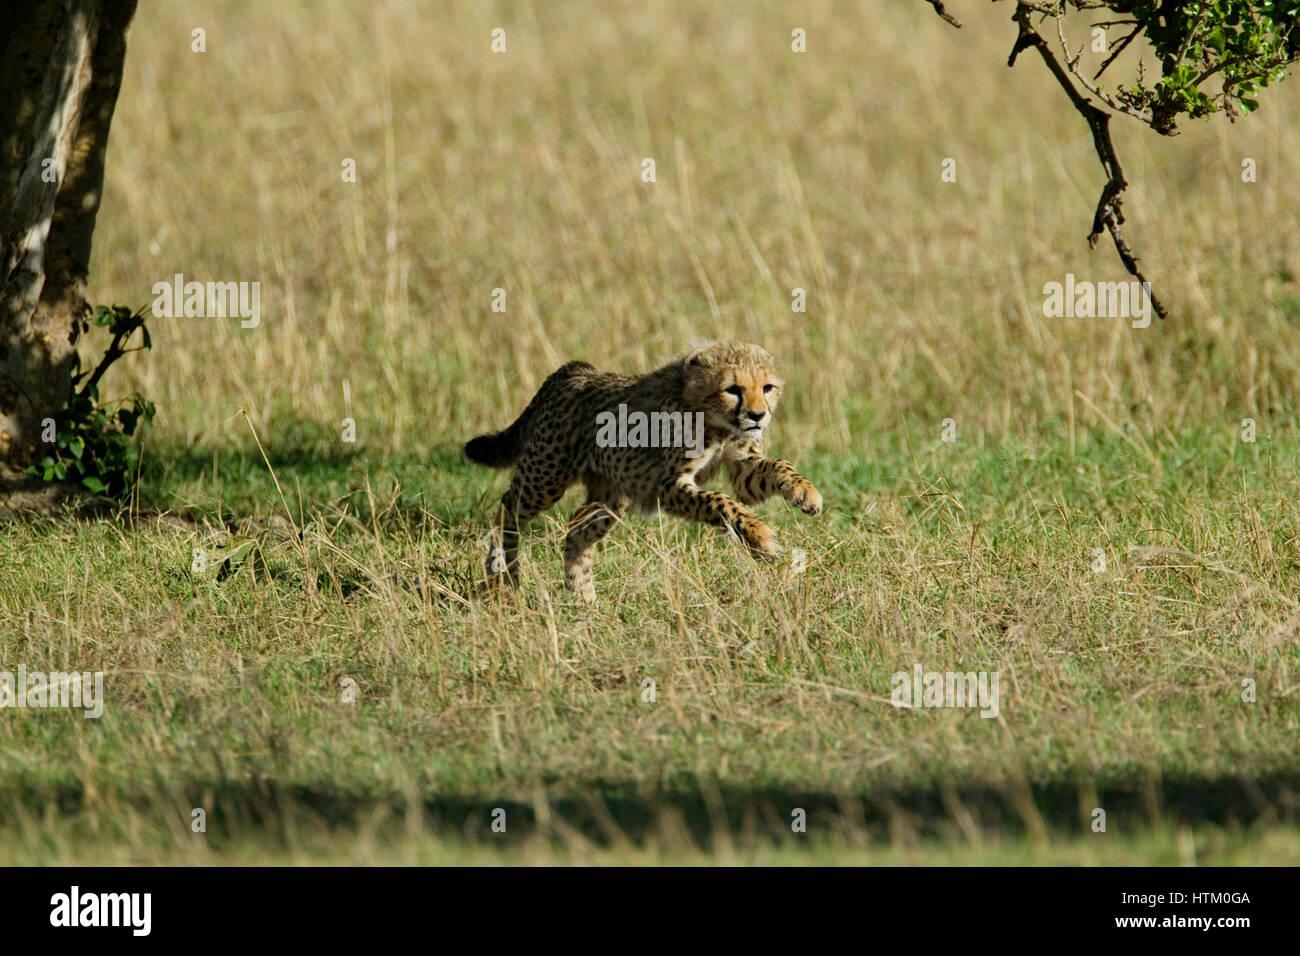 Cheetah (Acinonyx jubatus) cub running, Masai Mara National Reserve, Kenya, East Africa - Stock Image